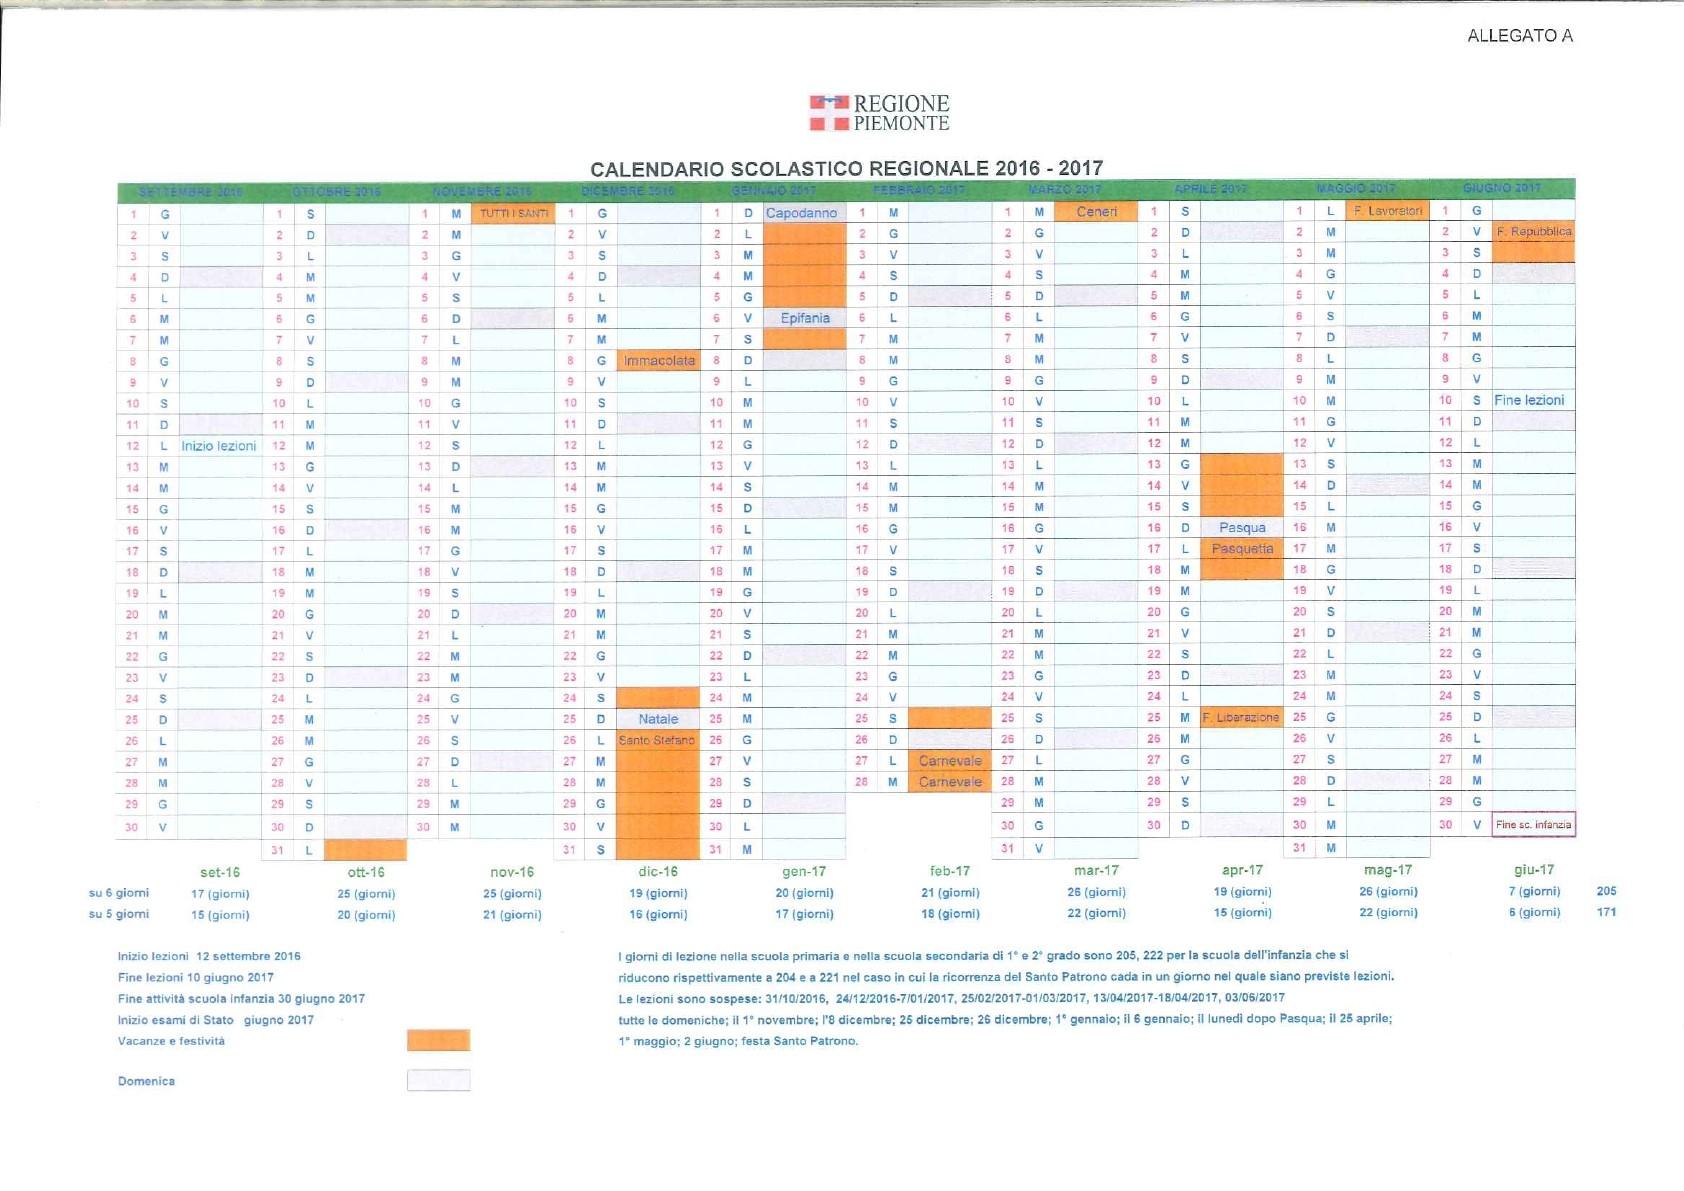 Calendario Scolastico Torino.Calendario Scolastico Regionale Anno Scolastico 2016 2017